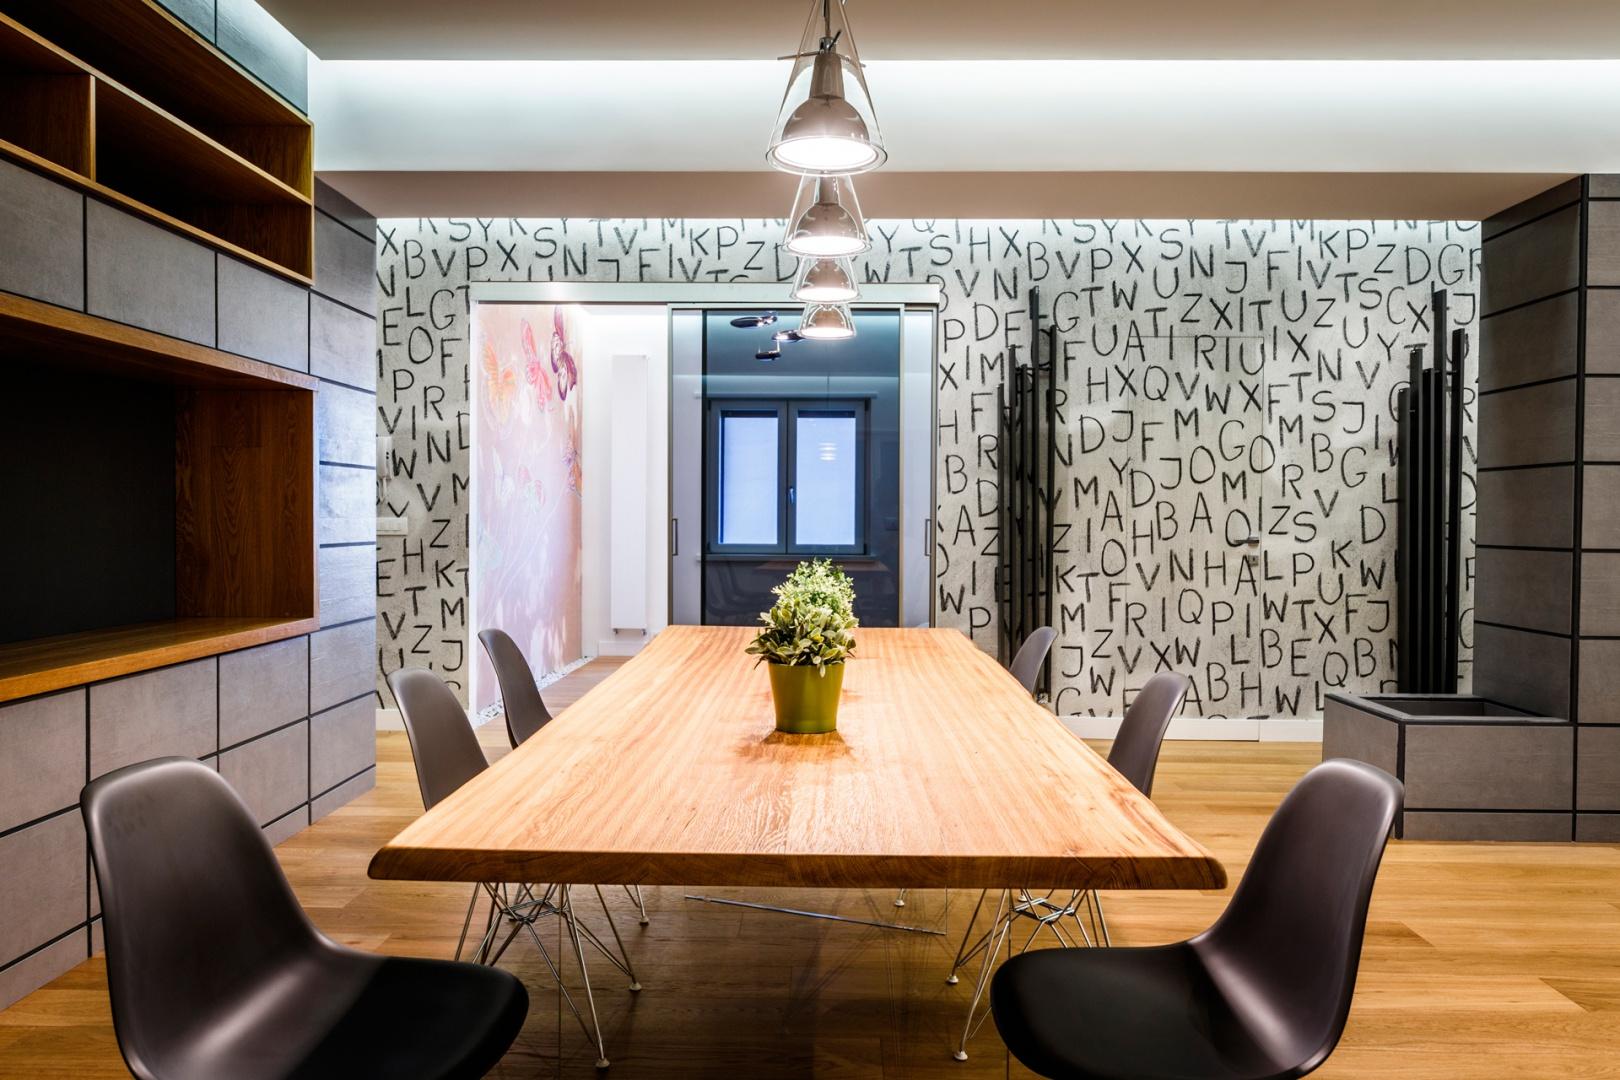 Ściana z oryginalnymi napisanymi, wyglądającymi jakby zostały nakreślone węglem wprowadza do wnętrza surowy charakter i efektownie kontrastuje z drewnianą podłogą i stołem. Projekt i zdjęcia: Marco Marotto, Paola Oliva, Brain Factory.